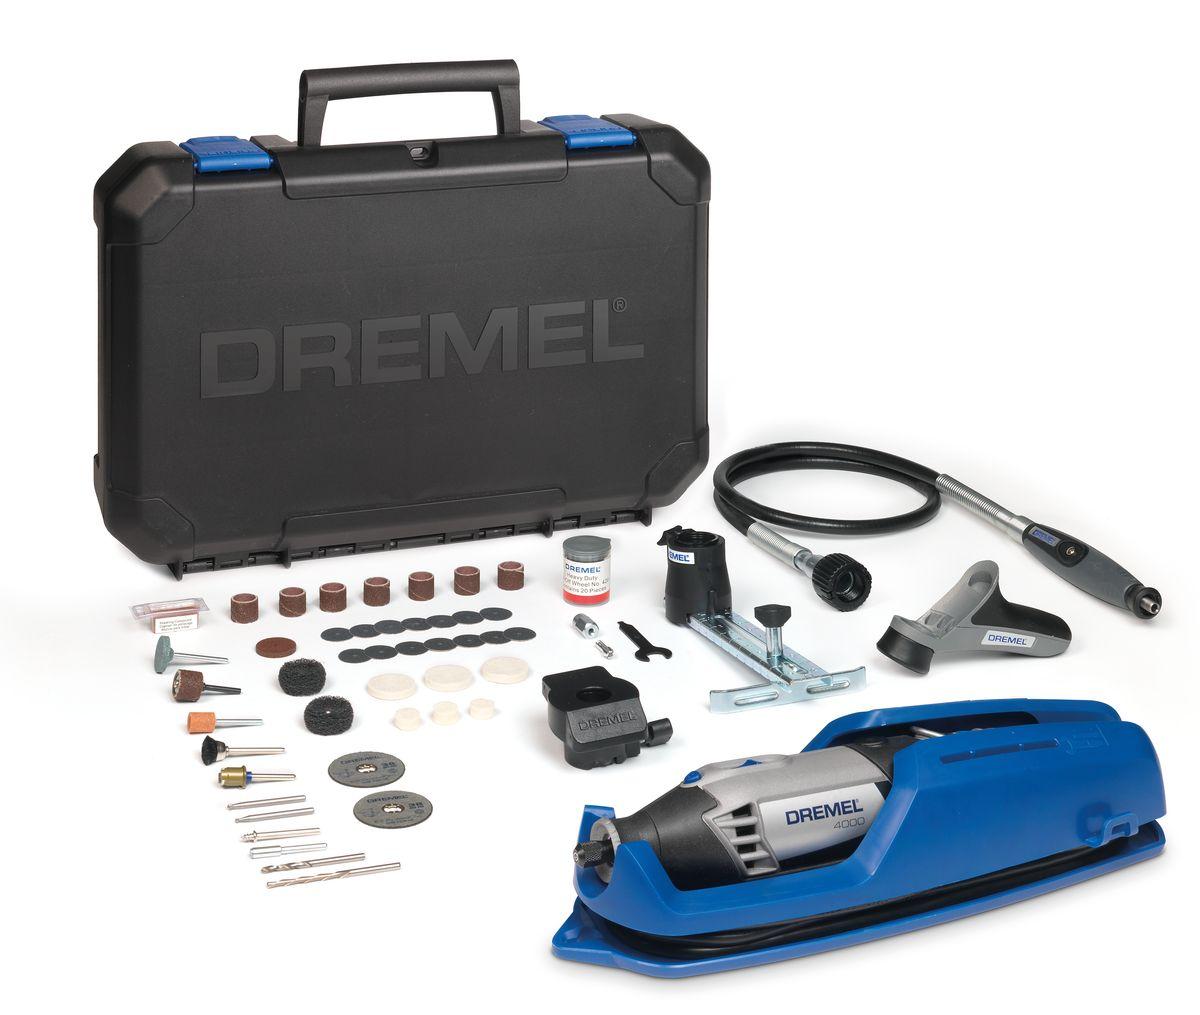 Многофункциональный инструмент Dremel 4000- 4/65F0134000JTМощный и точный многофункциональный инструмент Dremel 4000 обеспечивает максимальную универсальную производительность. Ключ к отличному результату – максимальный контроль над инструментом. Многофункциональный инструмент со сменными насадками и приставками обеспечит такой контроль. Инструмент оснащен мягкой ручкой с возможностью поворота на 360 градусов, повышающей маневренность в любом положении. Обрабатывайте даже самые мелкие детали в самых неудобных и труднодоступных местах. Скорость вращения регулируется во всем диапазоне и имеет отдельный переключатель, поэтому вы всегда сможете продолжить свою работу в том режиме, на котором остановились. Высокопроизводительный двигатель и константная электроника позволяют развивать максимальную силу. Шлифуйте, полируйте, режьте и выполняйте обработку любых материалов с одинаковой легкостью.Особенности модели:Двигатель мощностью 175 Вт для максимальной производительностиИнновационный наконечник EZ Twist: для смены насадок не требуется ключРукоятка с мягкой накладкой для комфортной работыПолный контроль над регулированием скорости (5000 – 35000 об./мин.) для максимальной точностиКонстантная электроника обеспечивает необходимый крутящий момент и увеличивает производительностьОтдельный выключатель с интегрированной функцией блокировки цангового зажимаКомплектация:Dremel 400065 высококачественных насадок Dremel в мини-футляре (в том числе стартовый набор EZ SpeedClic)Гибкий вал (225)Насадка в виде карандашаЛинейный фрезерный циркуль (678)Шлифовальная платформа (576)Рукоятка для точных работ (577)Инструкция по эксплуатацииВместительный и прочный кейс для хранения, со съемным лотком для насадокВ комплект входит уникальная подставка для крепления инструмента, упрощающая хранение вашего инструмента